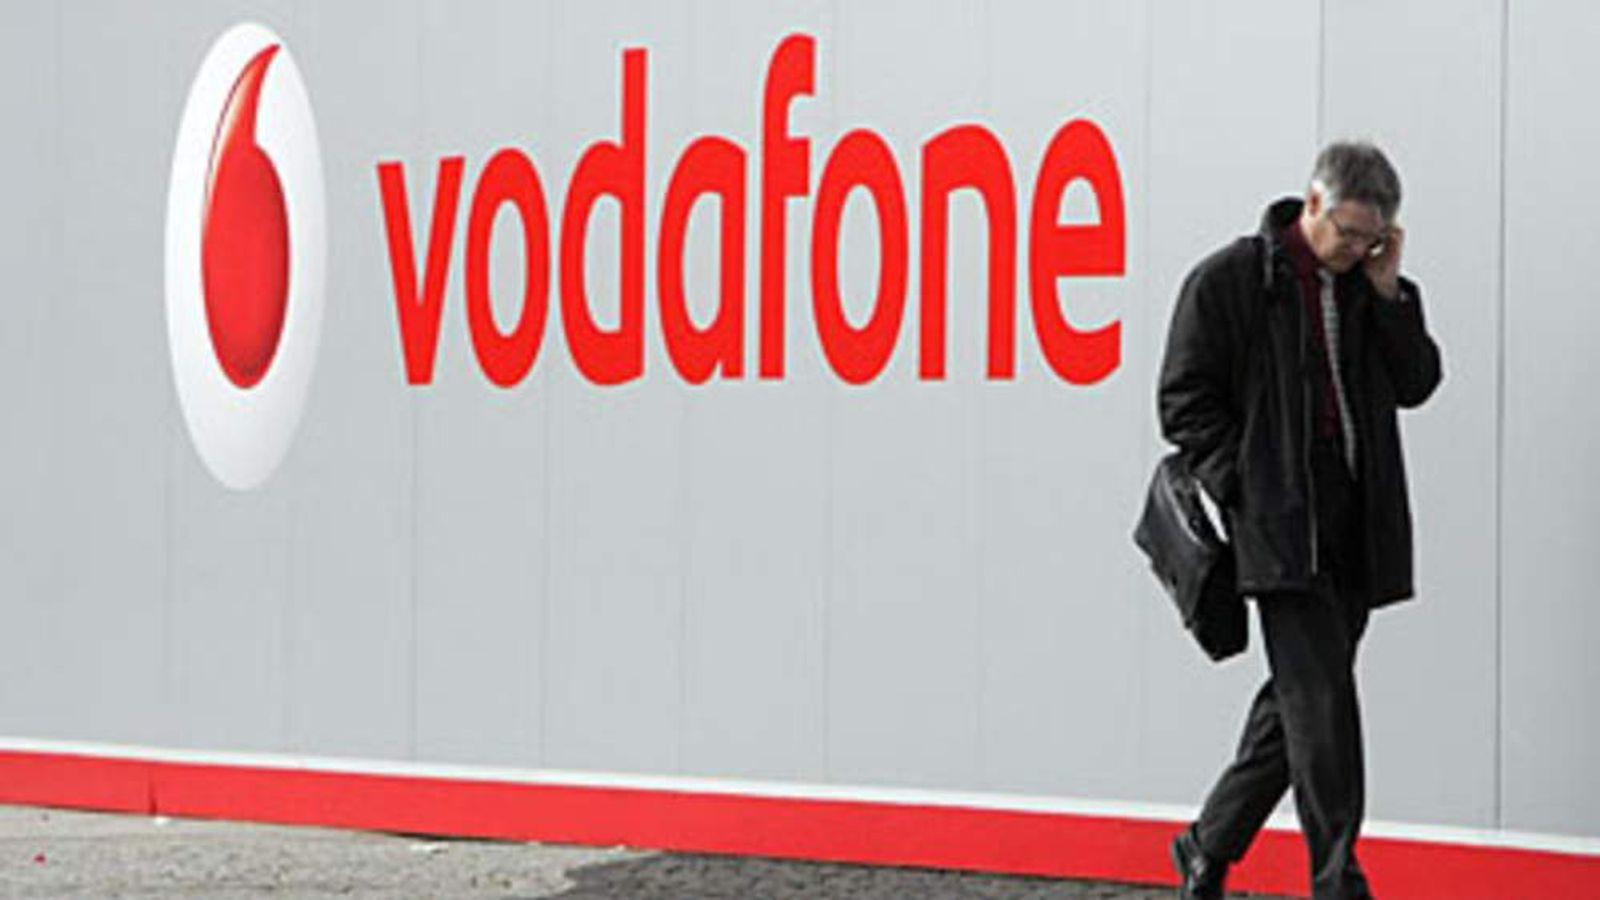 A man walks past a Vodafone sign